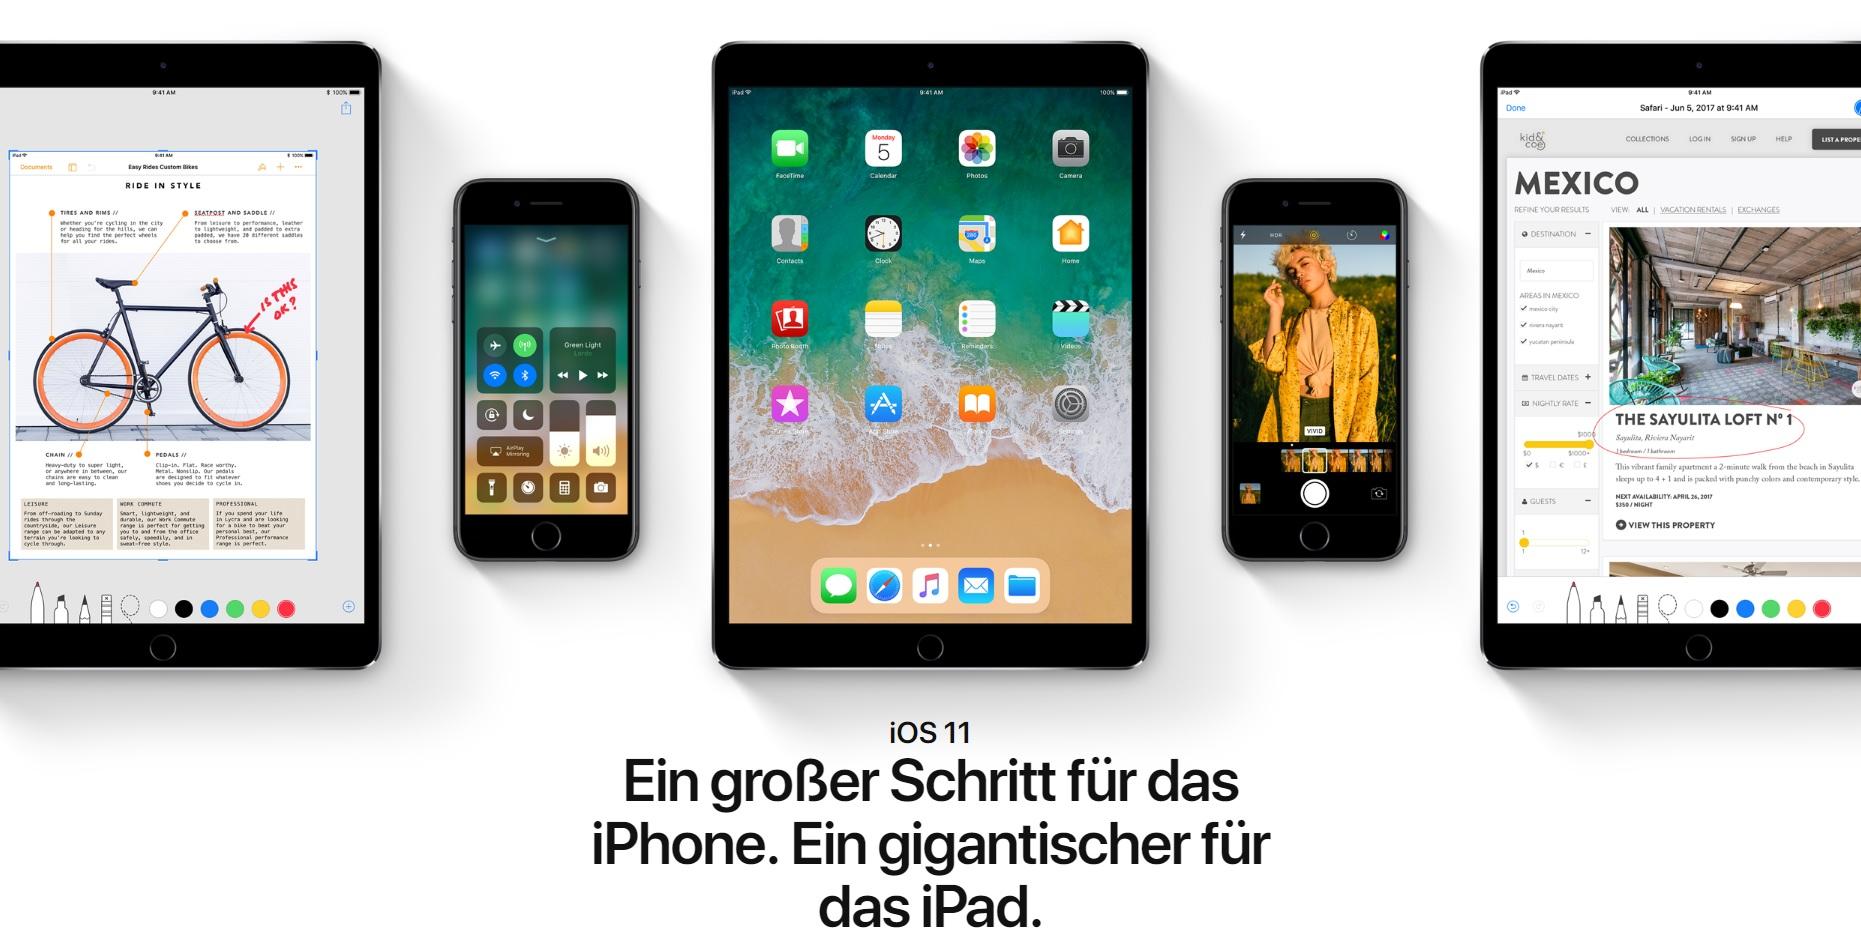 In Der Vergangenheit Hatten Wir Aber Auch Schon Tipps Zum Neuen IPhone 7 Oder Anderen Funktionen Von IOS Beispielsweise Berichteten Wie Man Mit Den